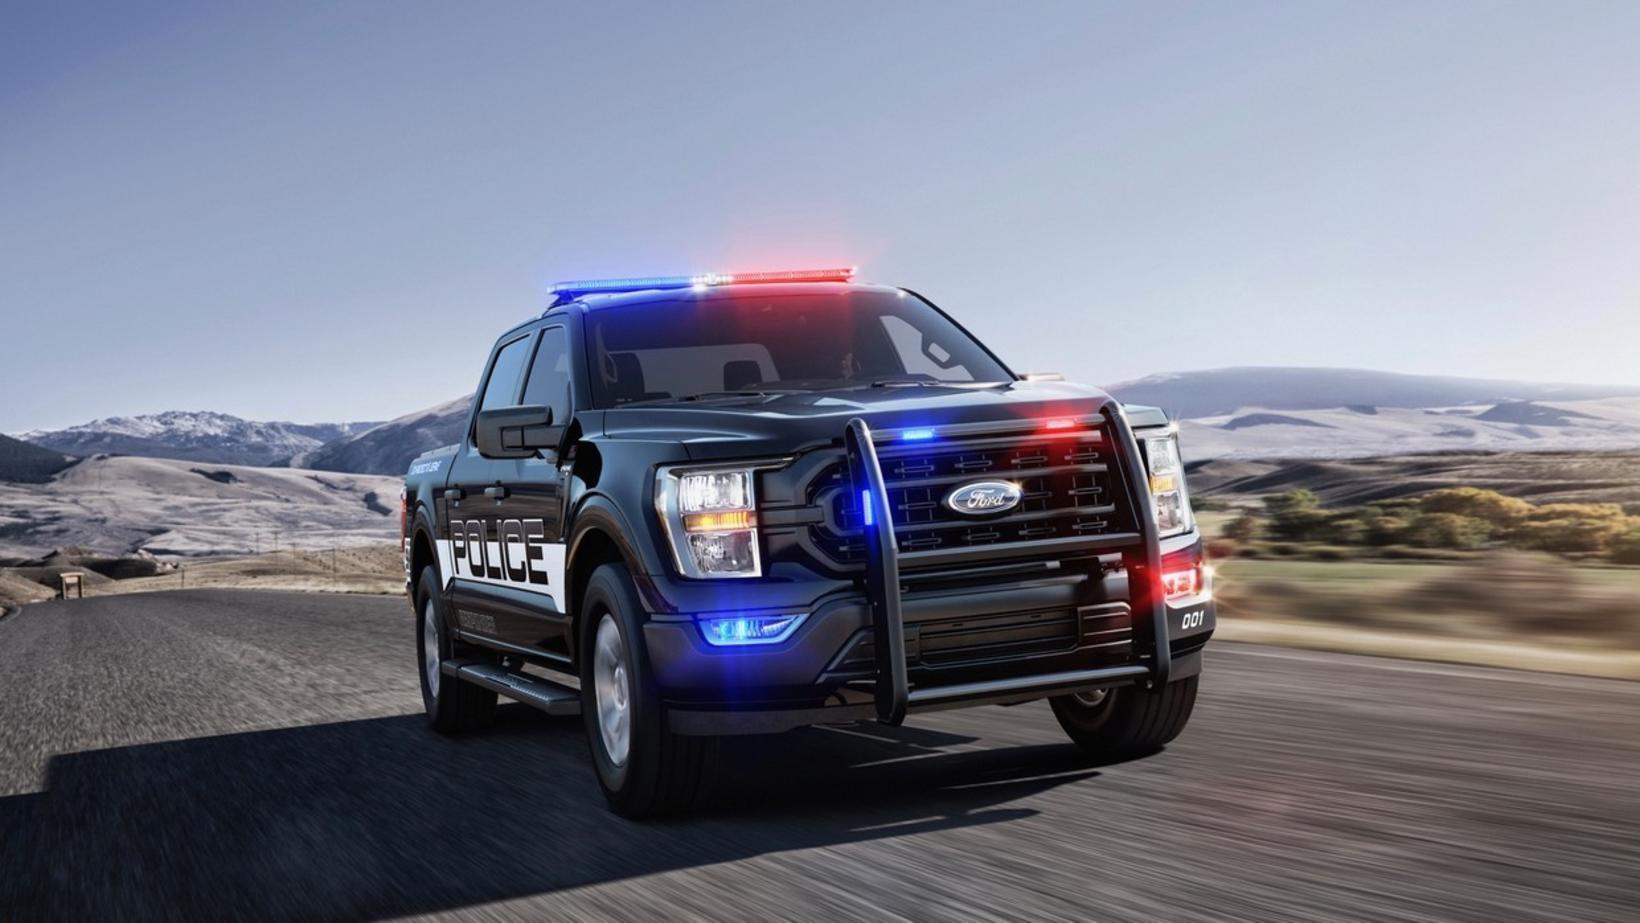 Hinn hraðskreiði lögreglubíll í Los Angeles, Ford F-150 Police Responder.